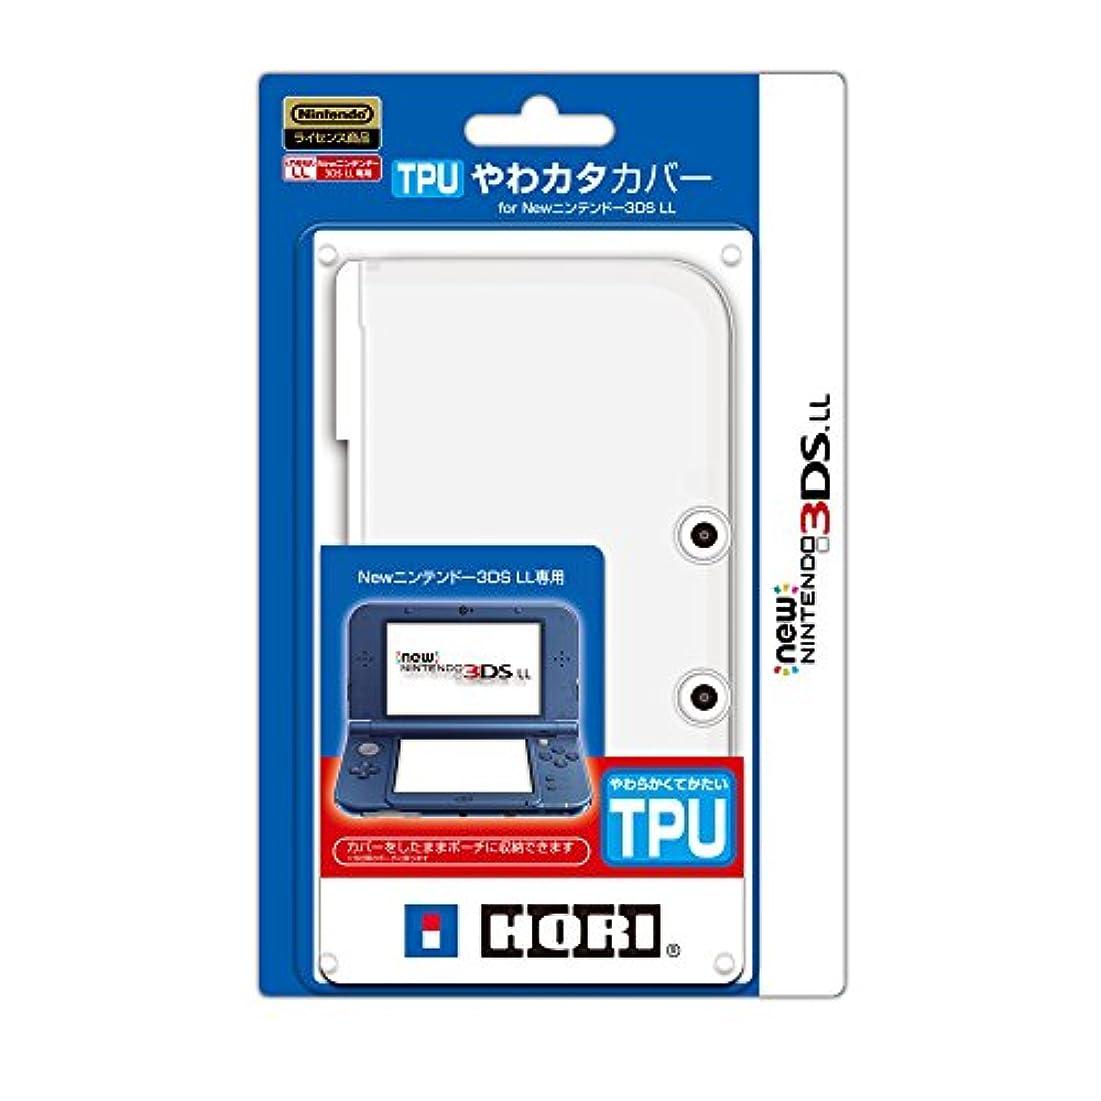 浸漬急降下オリエント【New 3DS LL対応】TPUやわカタカバー for NEW ニンテンドー3DS LL